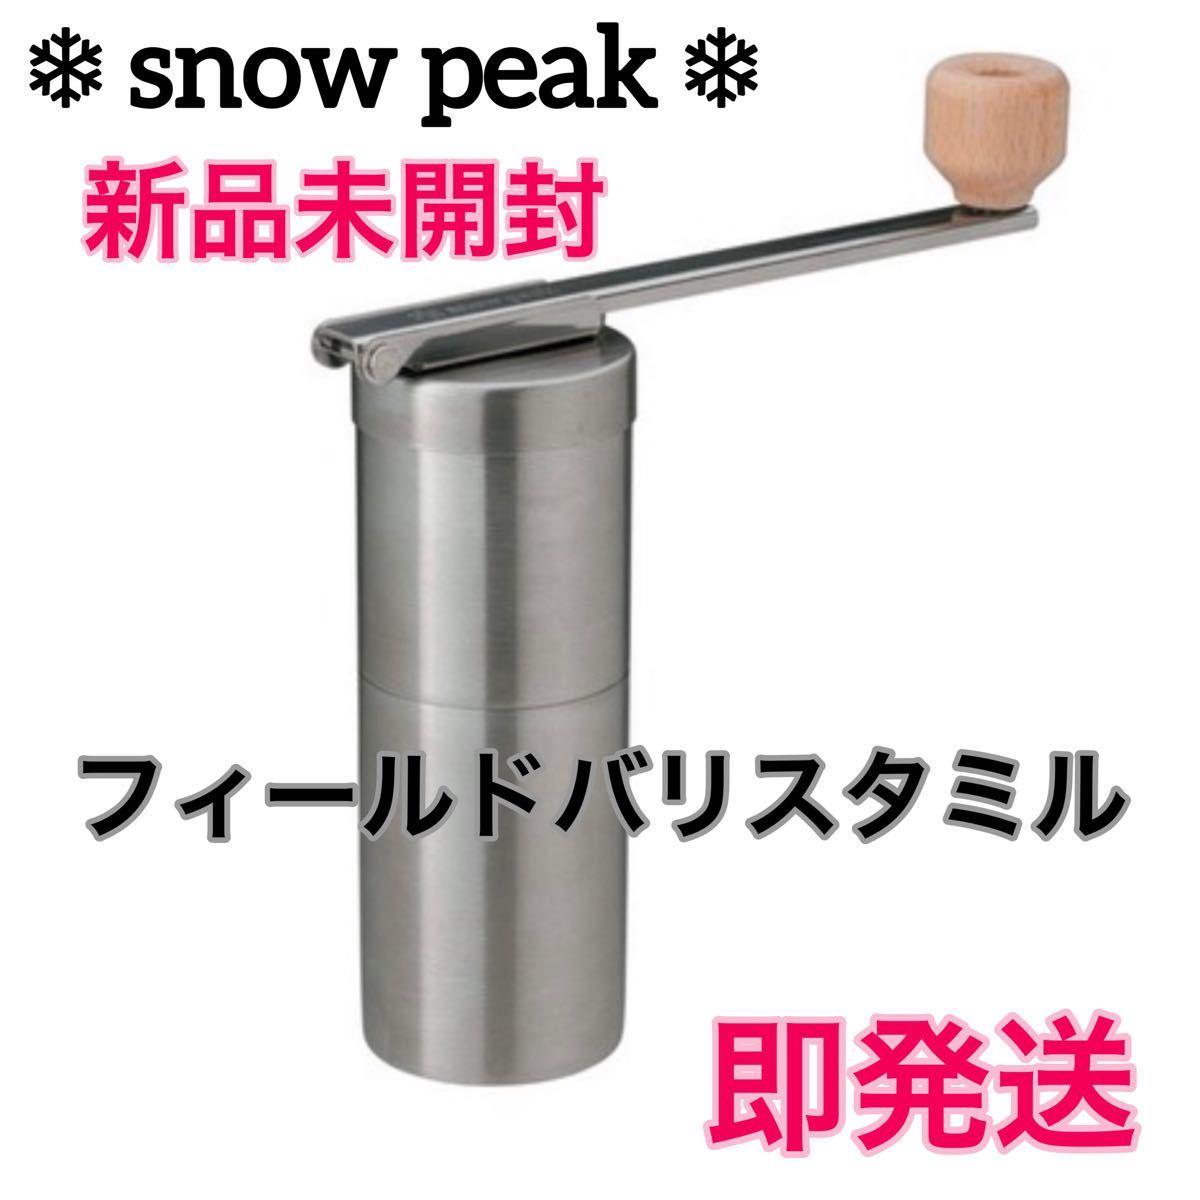 スノーピーク(snow peak)  フィールドバリスタ ミル CS-116 ★